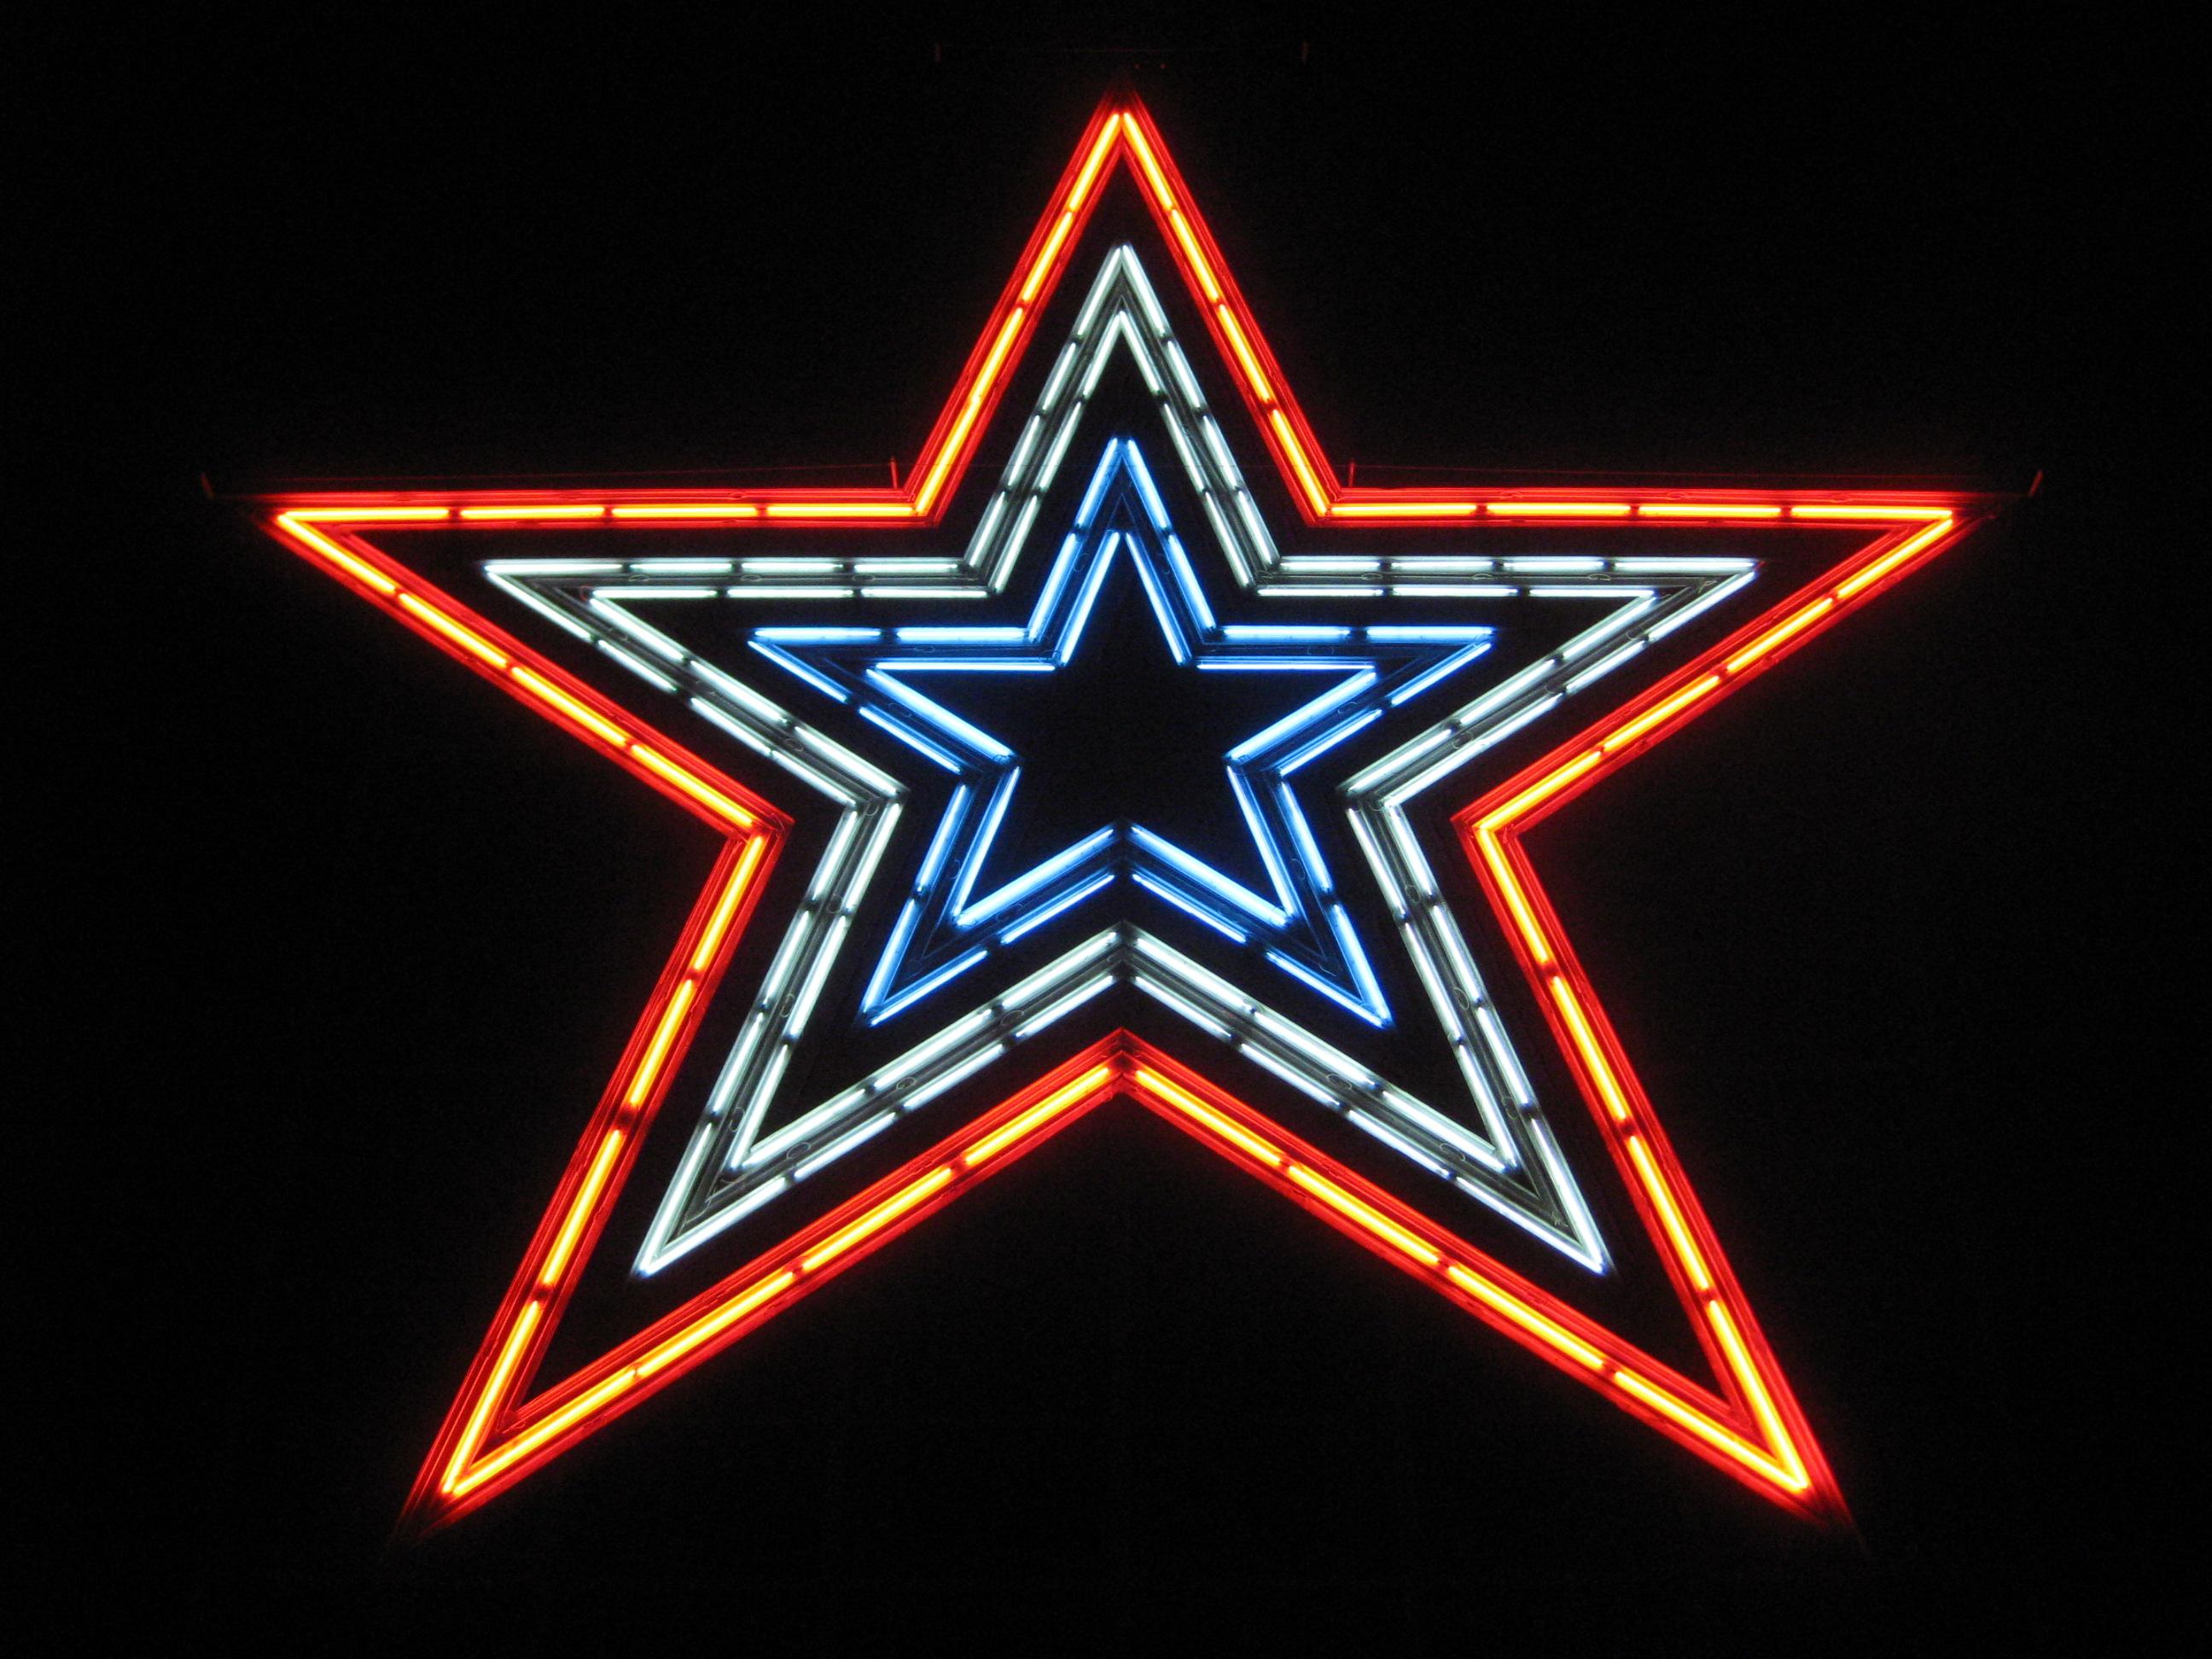 Ein Stern aus ''Neonlichtern''